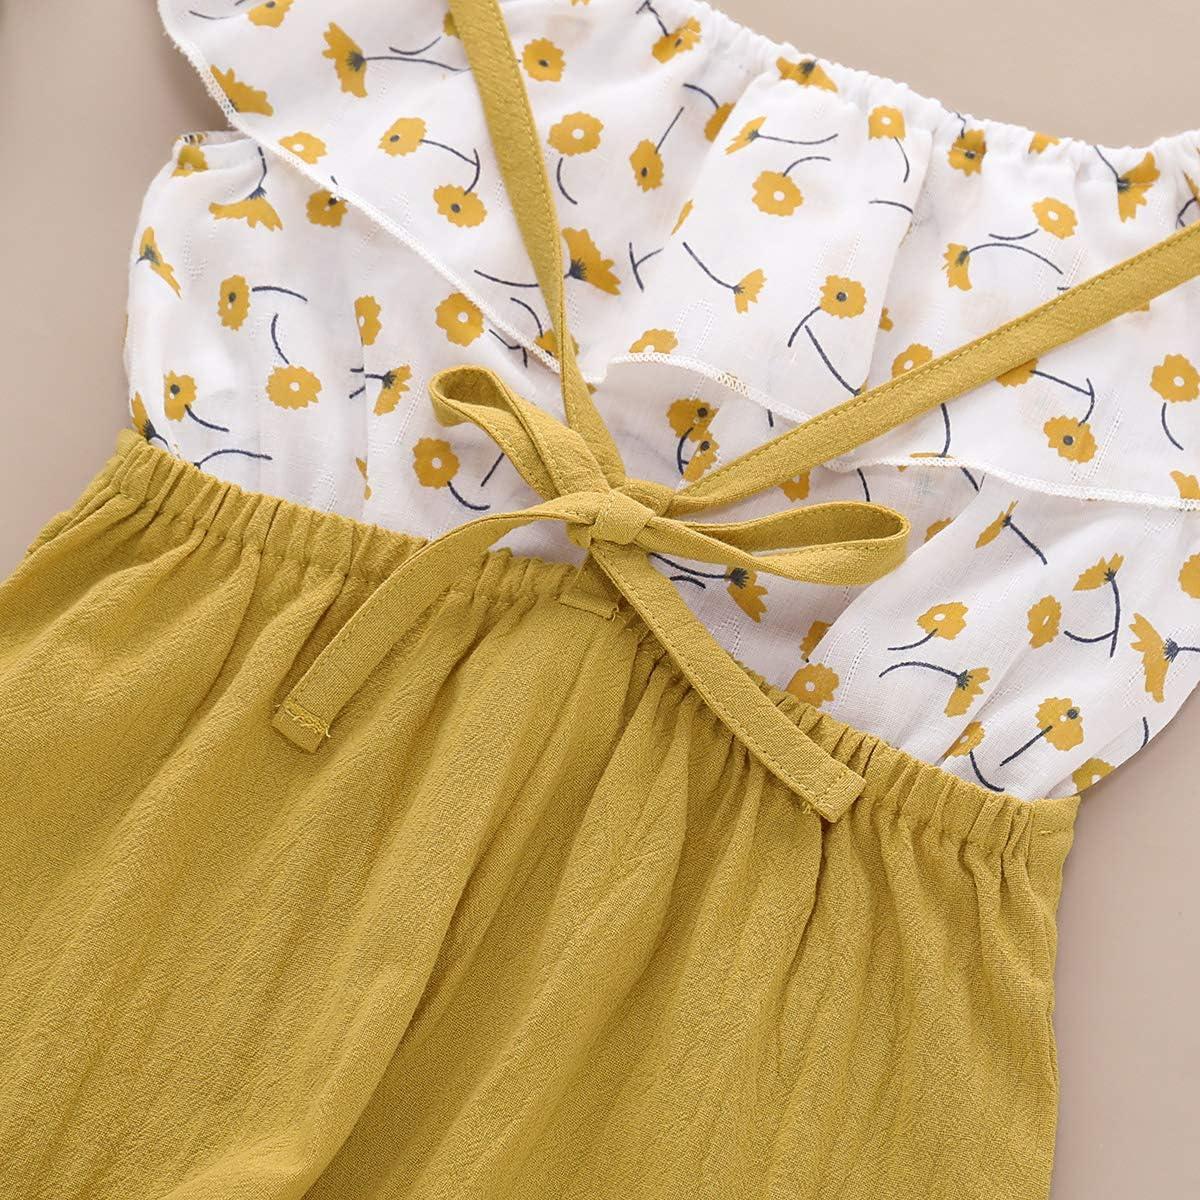 DaMohony con motivo floreale Completino da neonato per bambina salopette tutina maglietta senza maniche